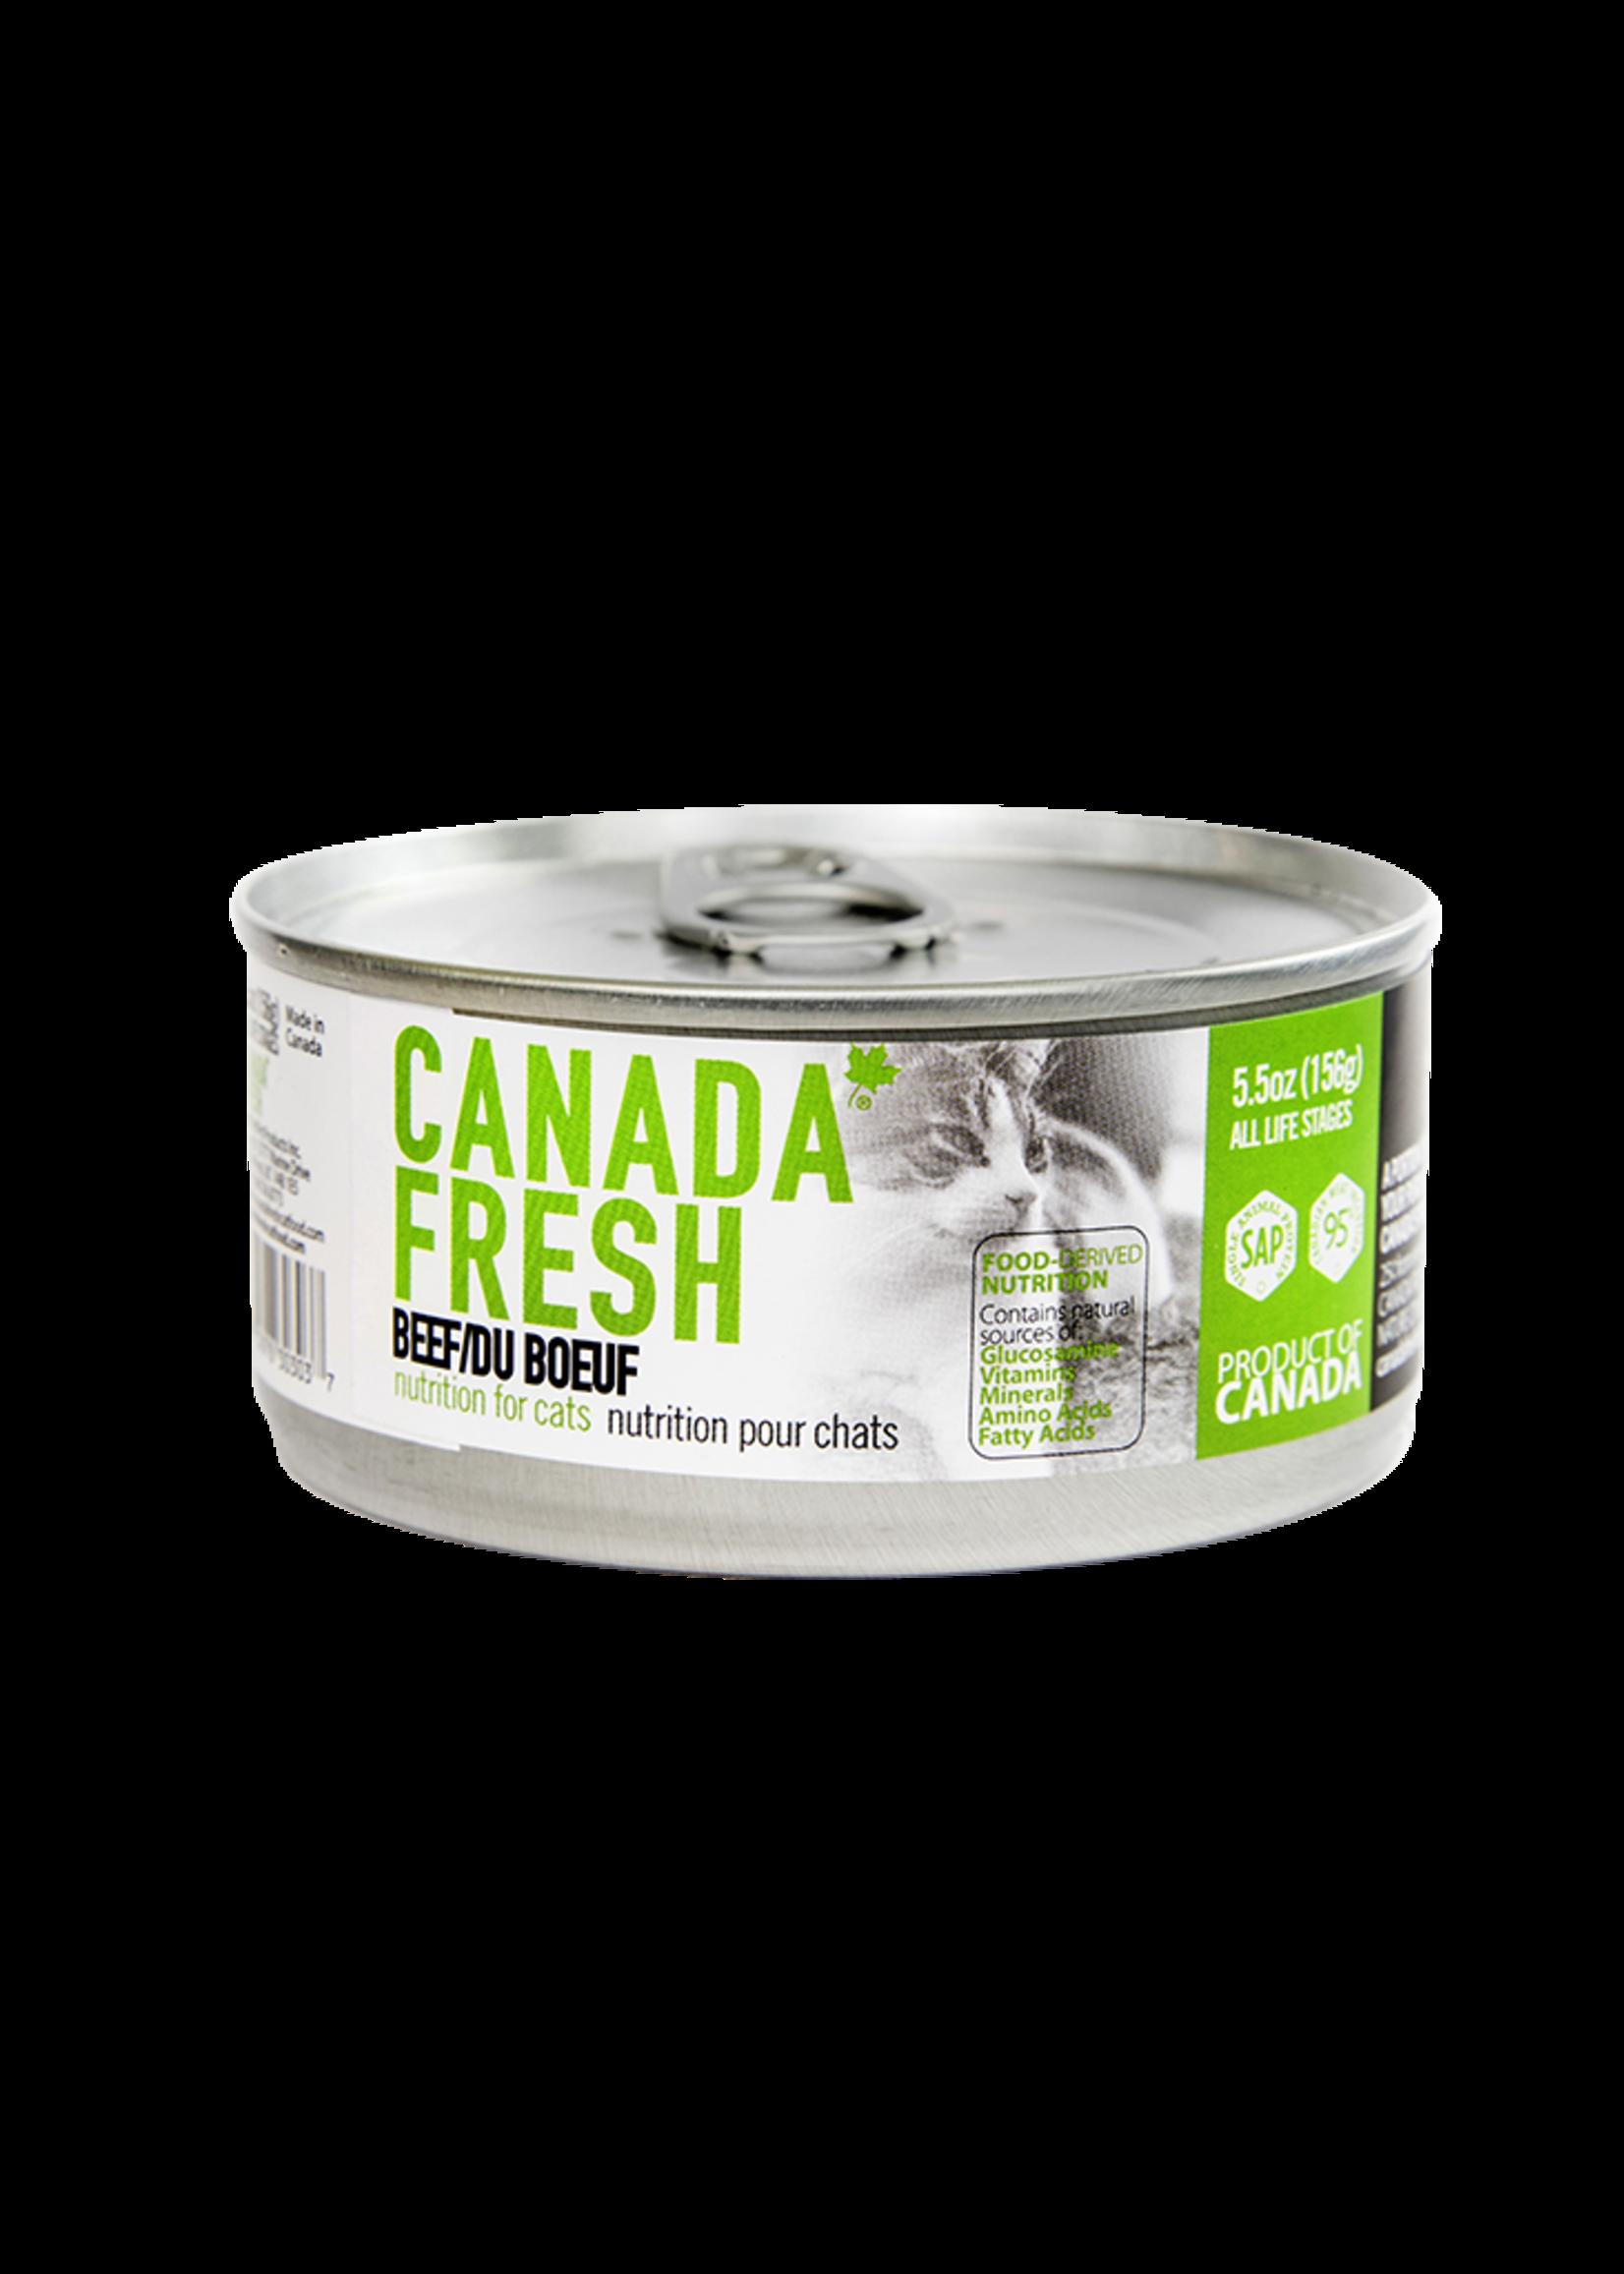 Canada Fresh™ Canada Fresh Beef Formula 5.5oz